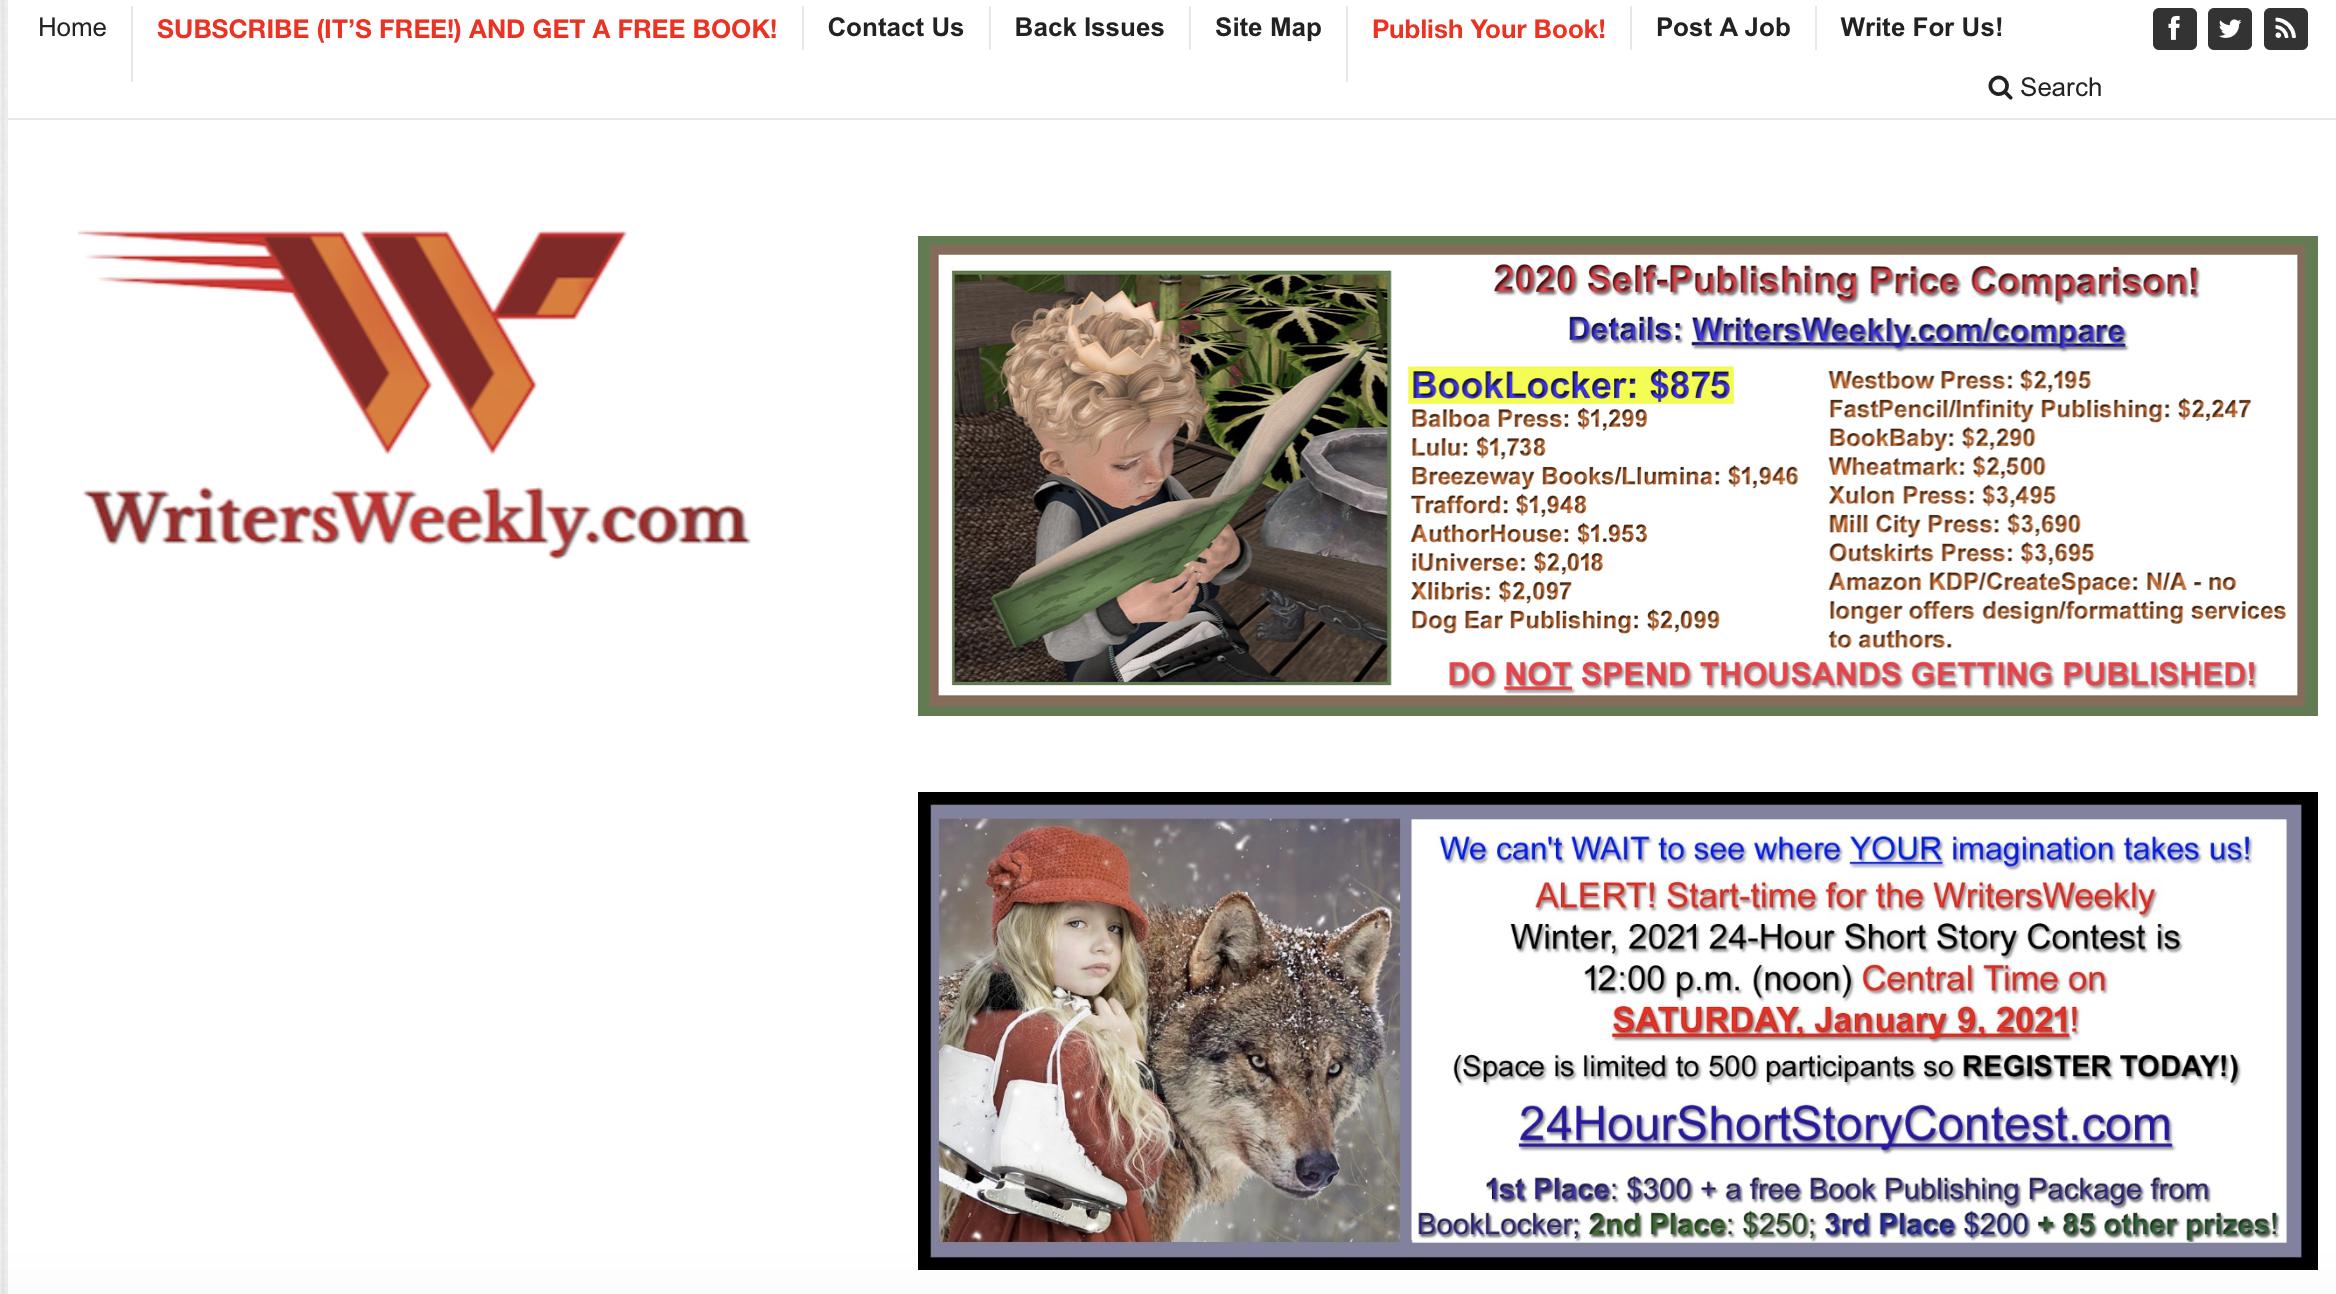 writers weekly website